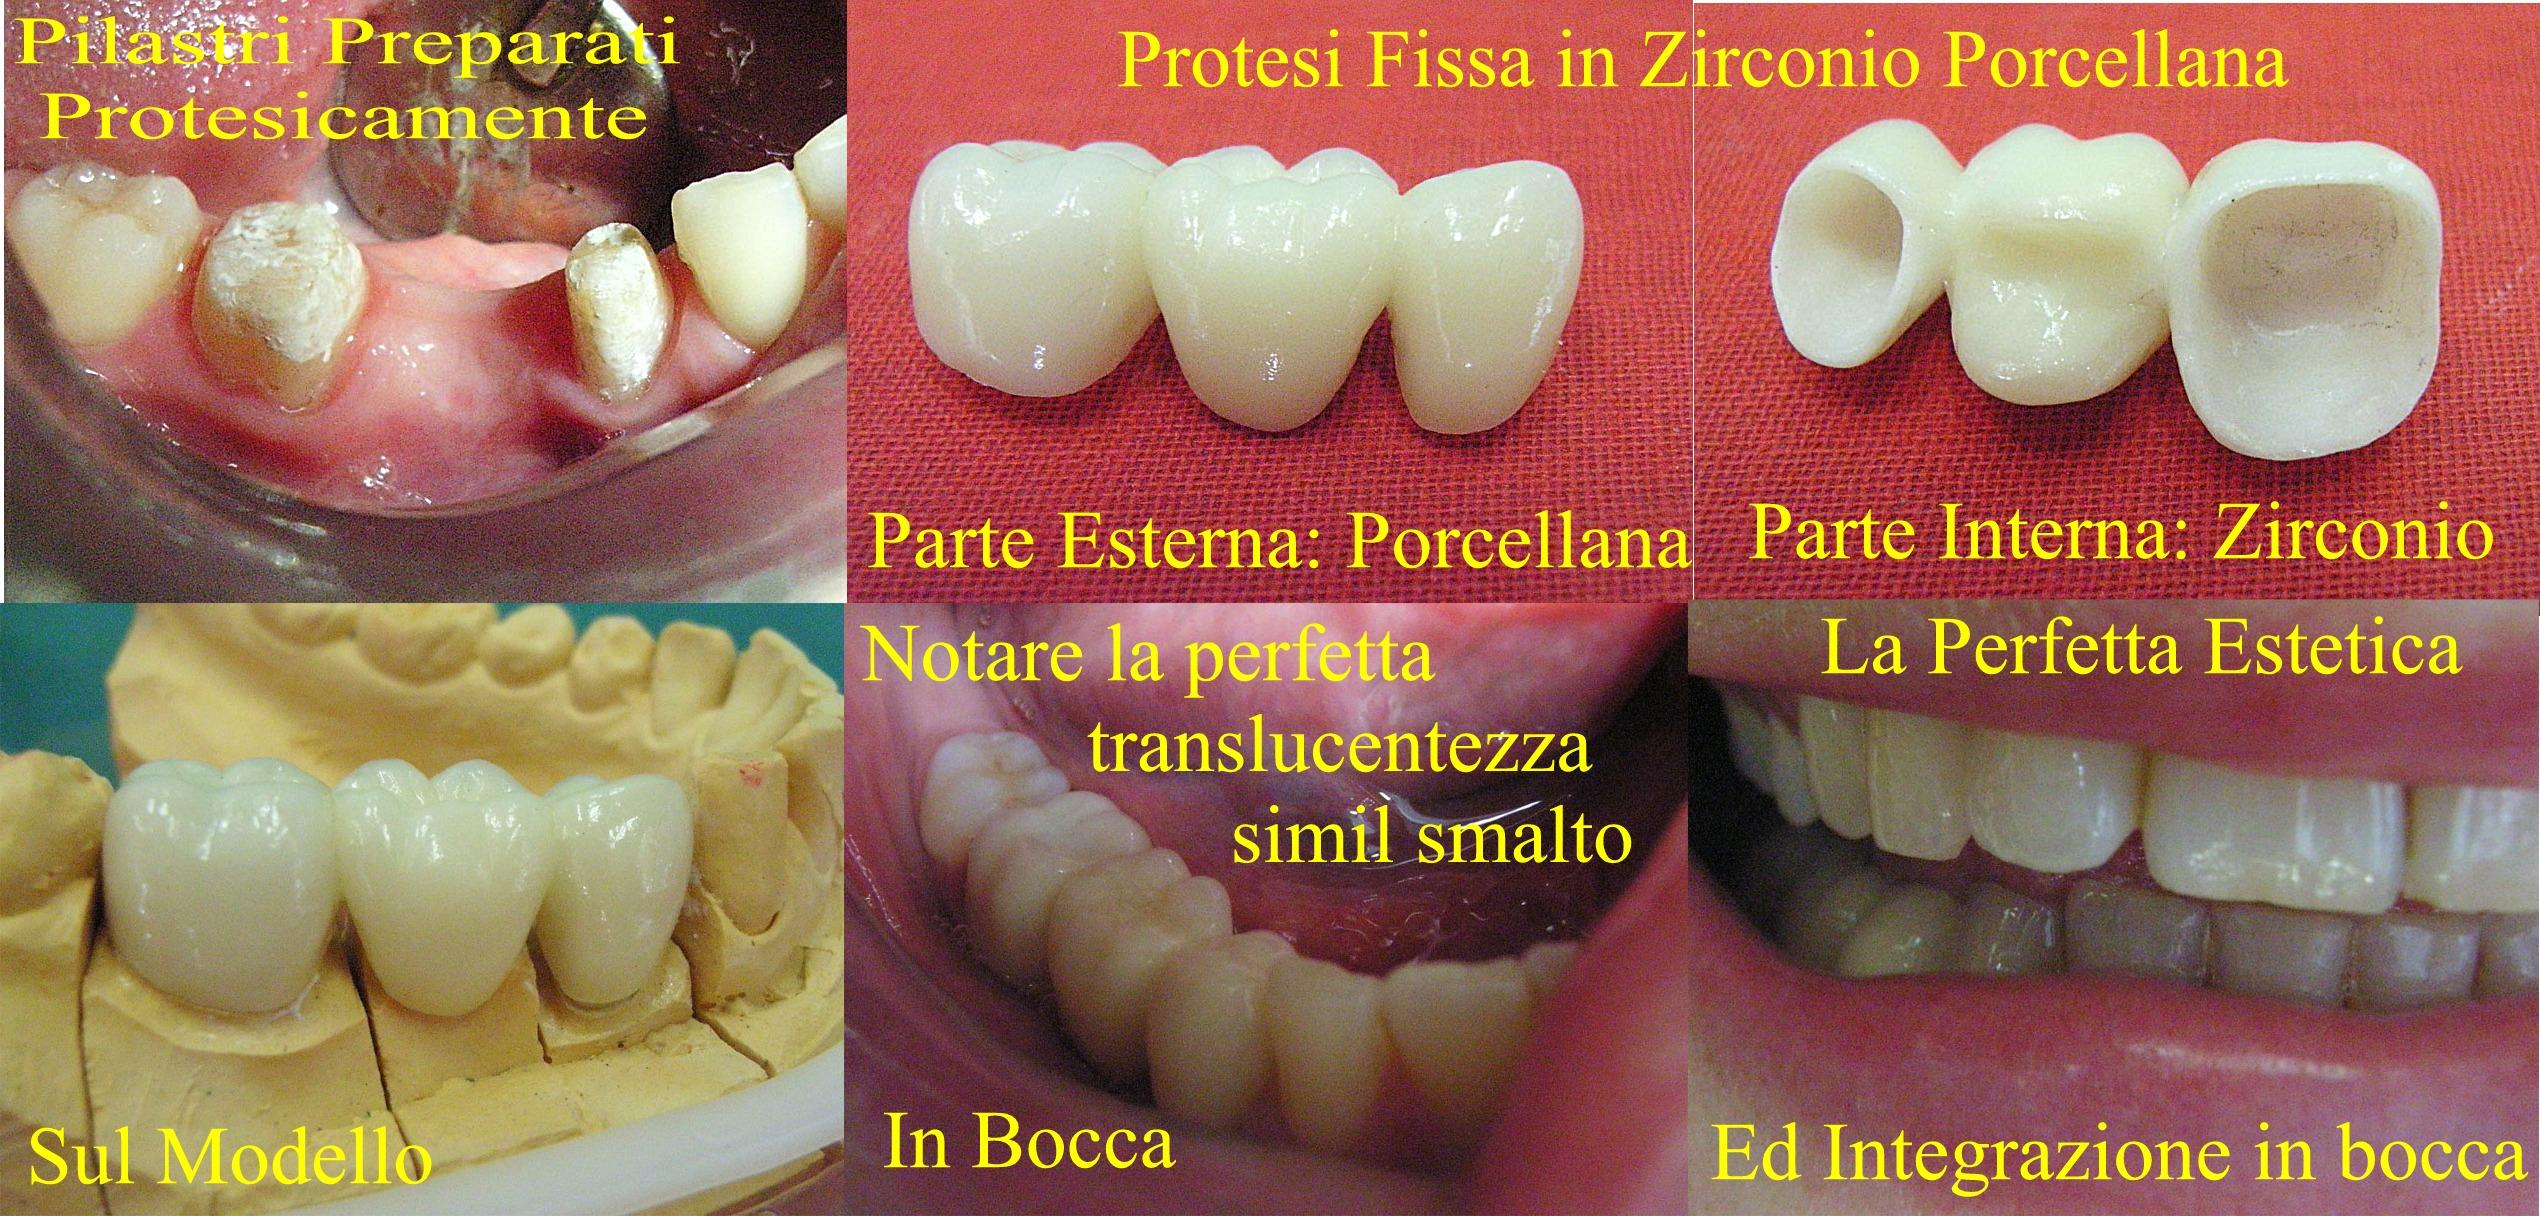 Ponte in Zirconio Porcellana come esempio di protesi fissa. Da casistica della Dr.ssa Claudia Petti Ortodontista Protesista di Cagliari